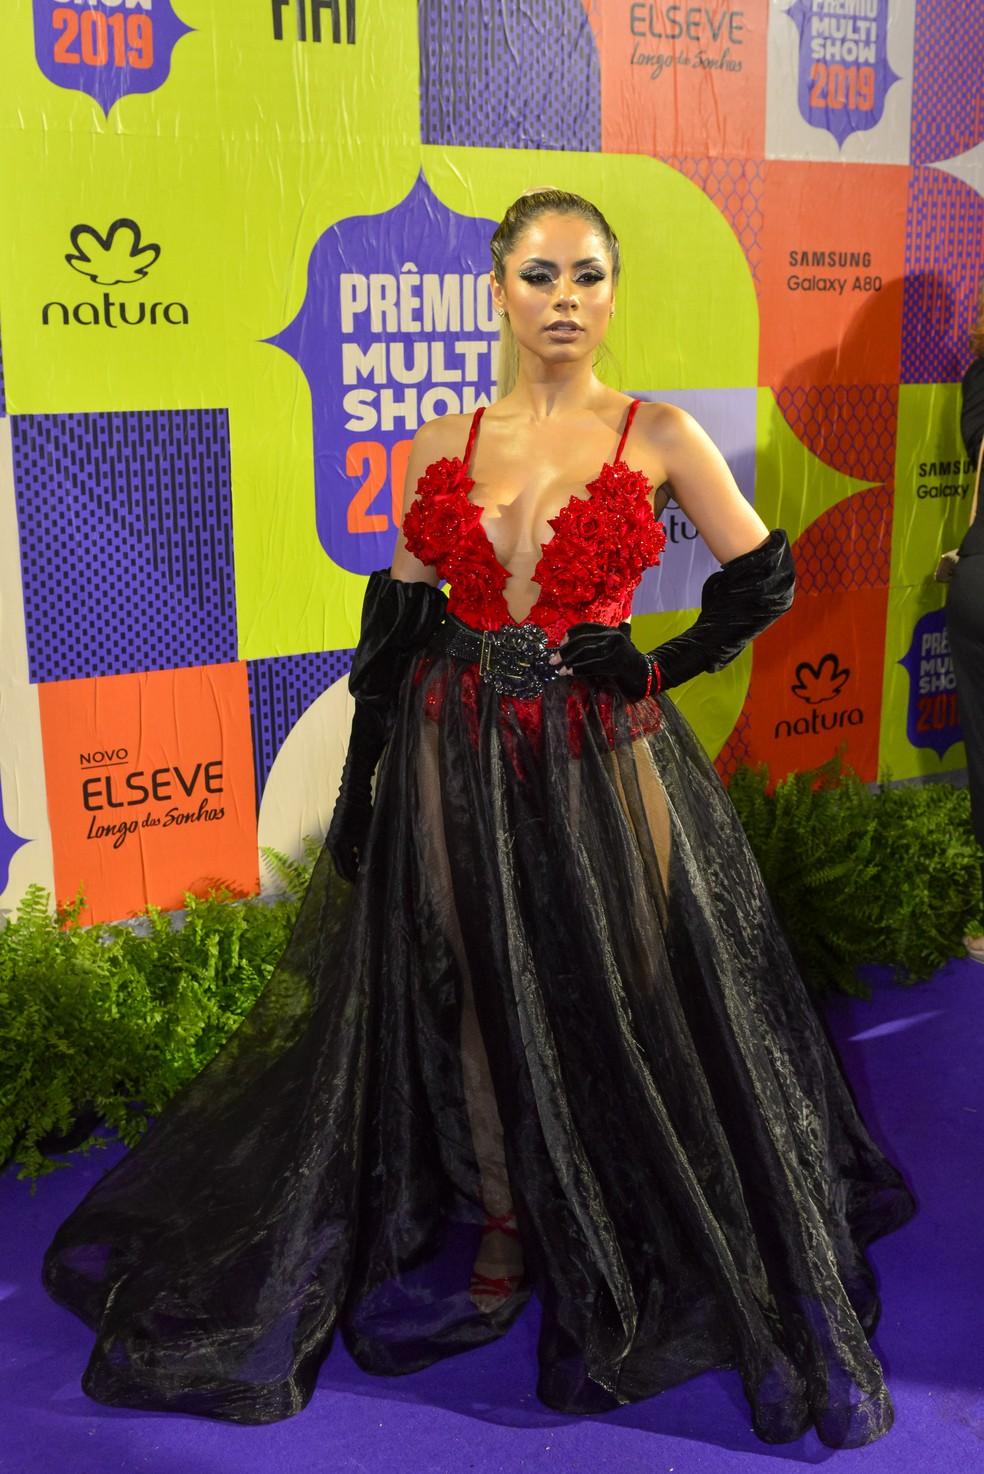 Lexa chamou atenção de body decotado com aplicações de rosas vermelhas, saia longa preta transparente e luvas — Foto: Fabio Cordeiro/Gshow